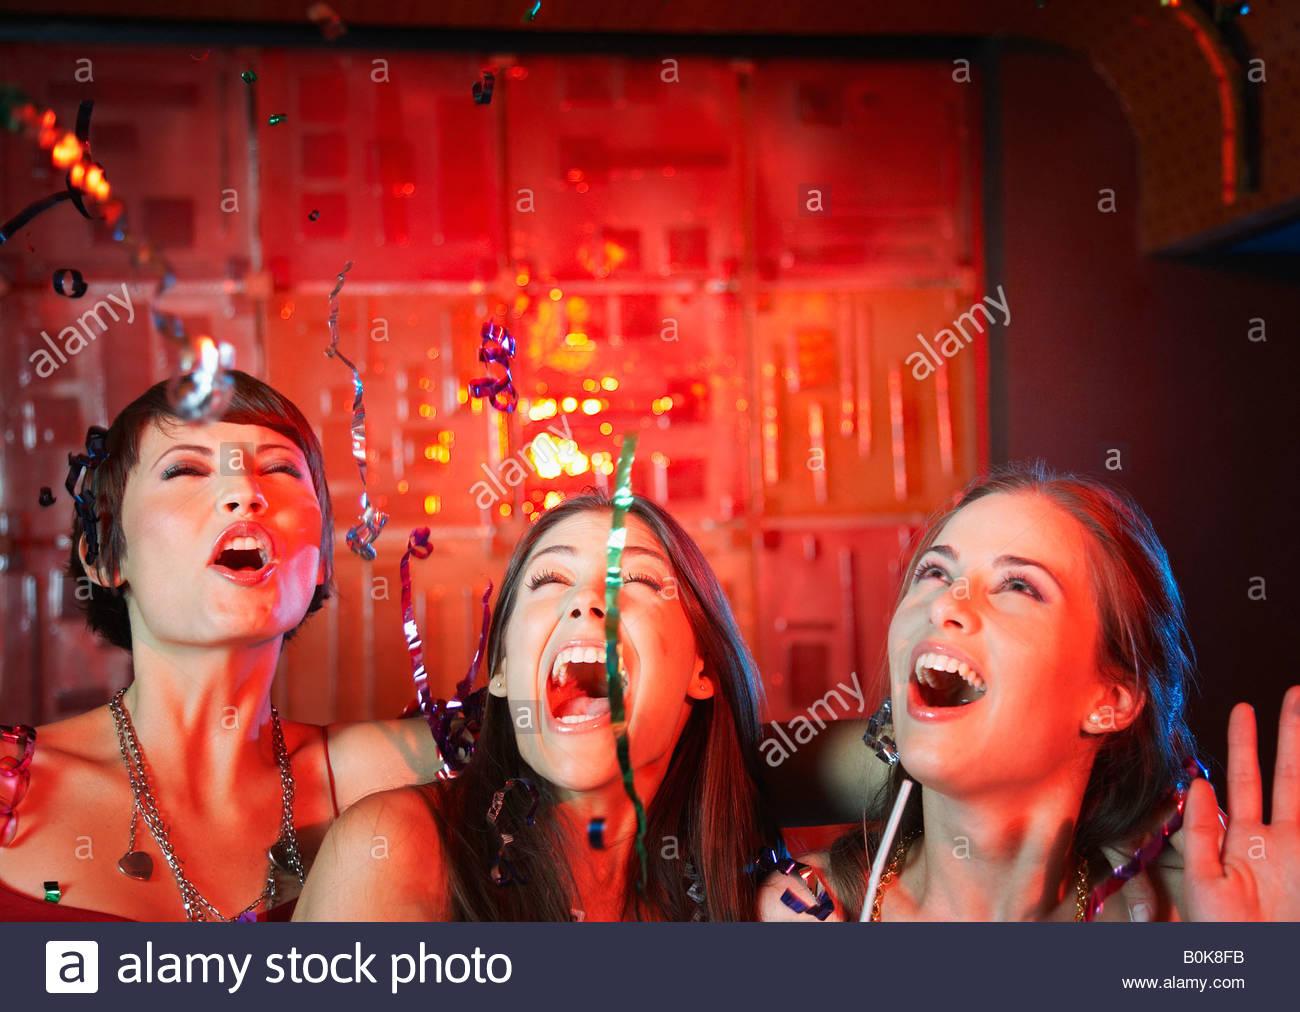 Três mulheres em uma discoteca para beber e rir Imagens de Stock